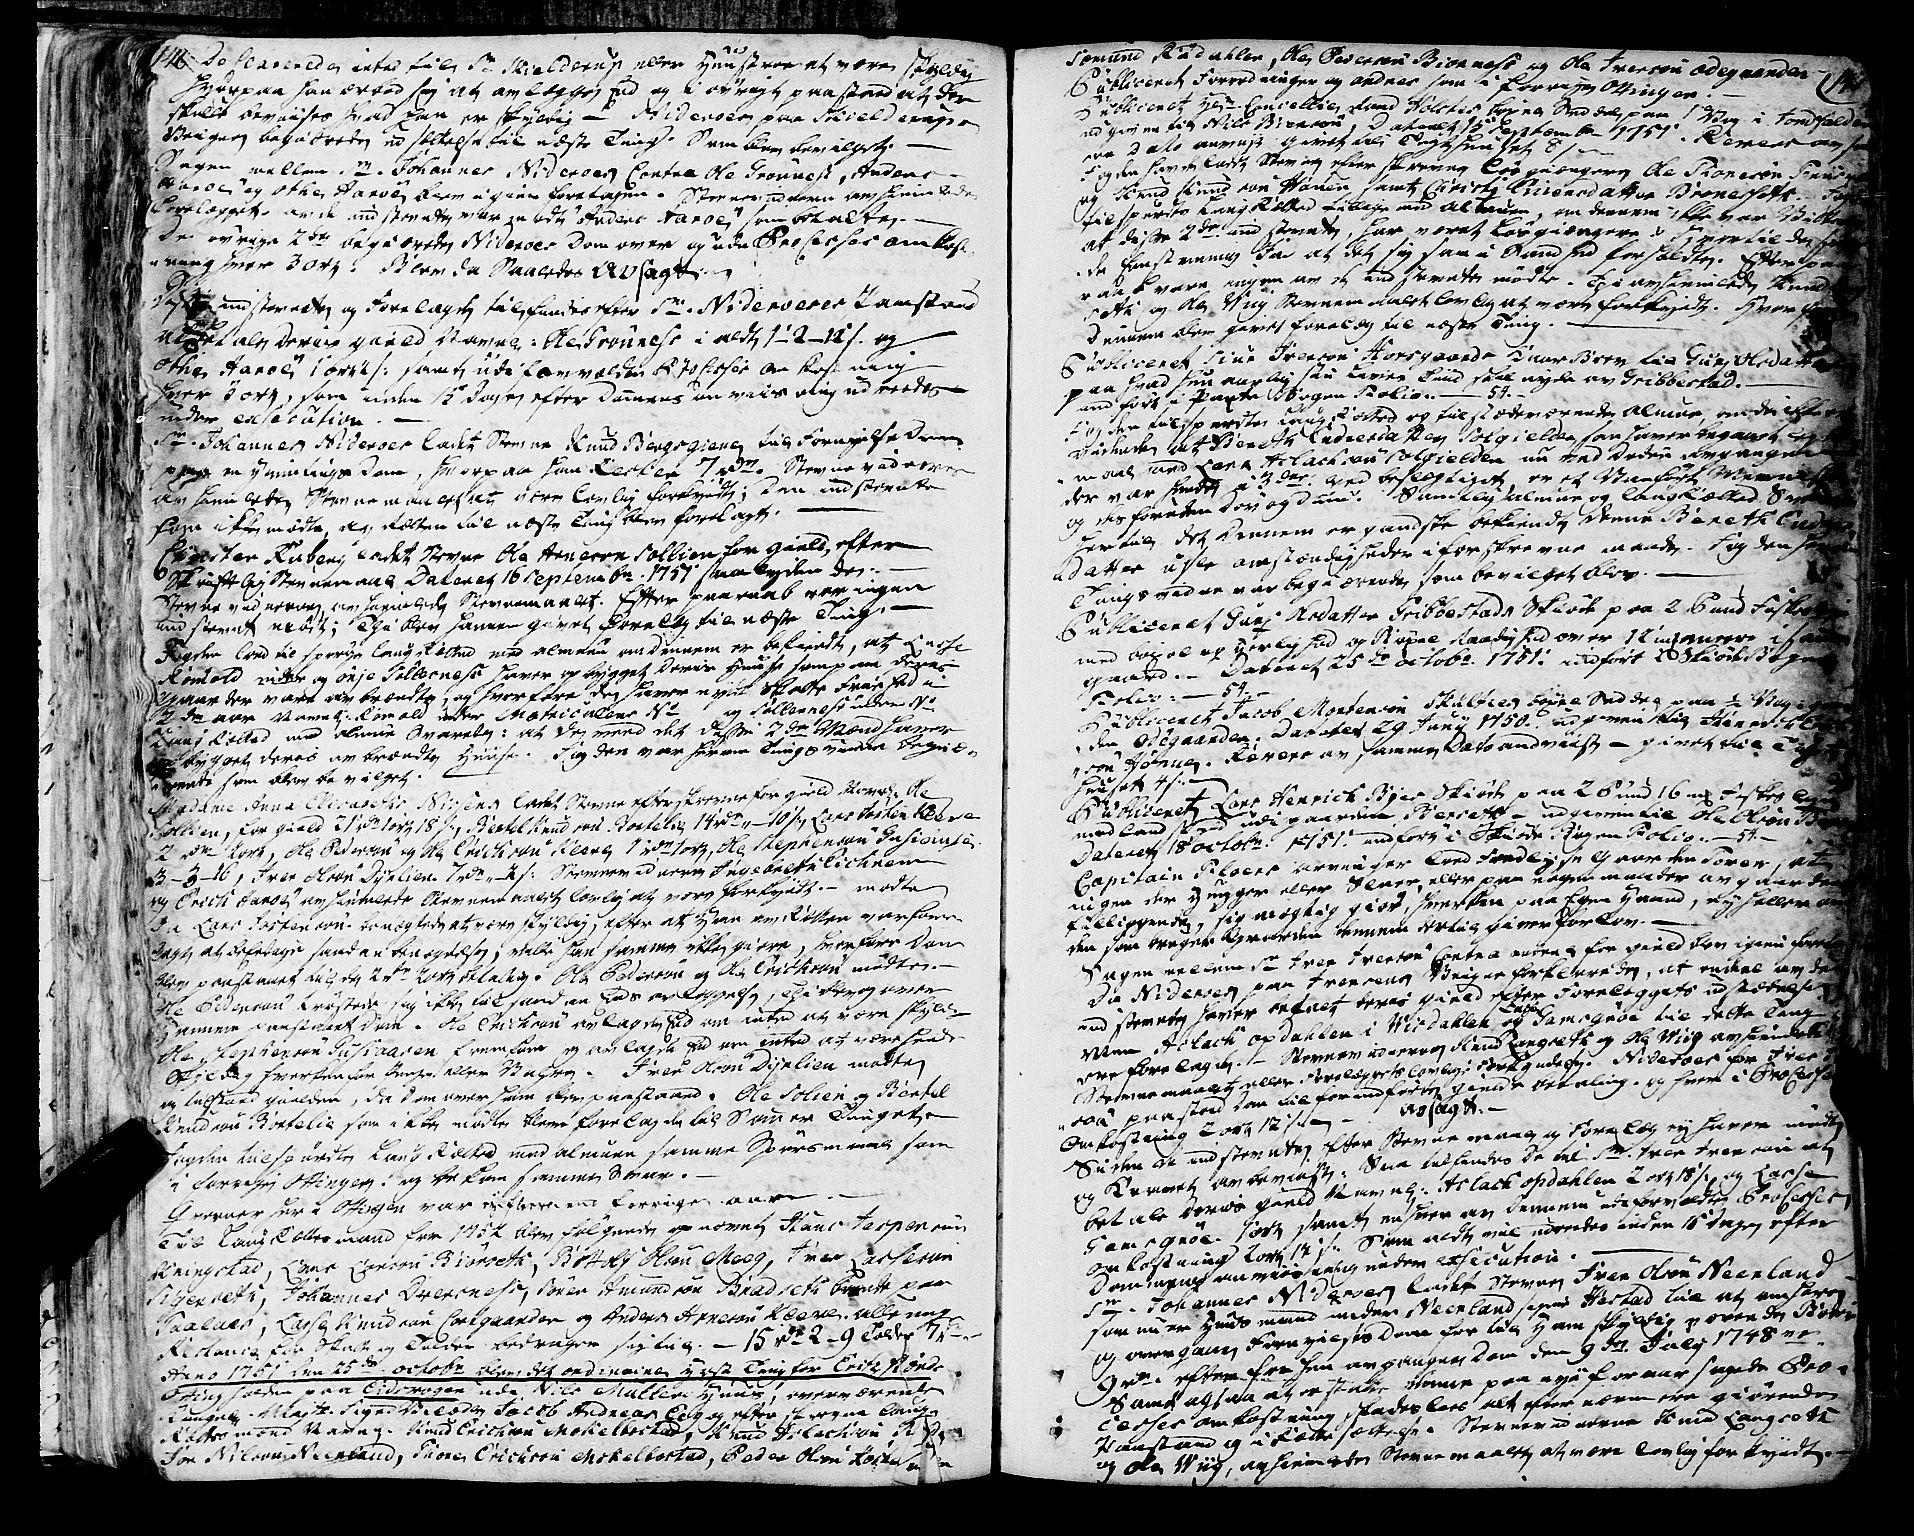 SAT, Romsdal sorenskriveri, 1/1A/L0013: Tingbok, 1749-1757, s. 146-147